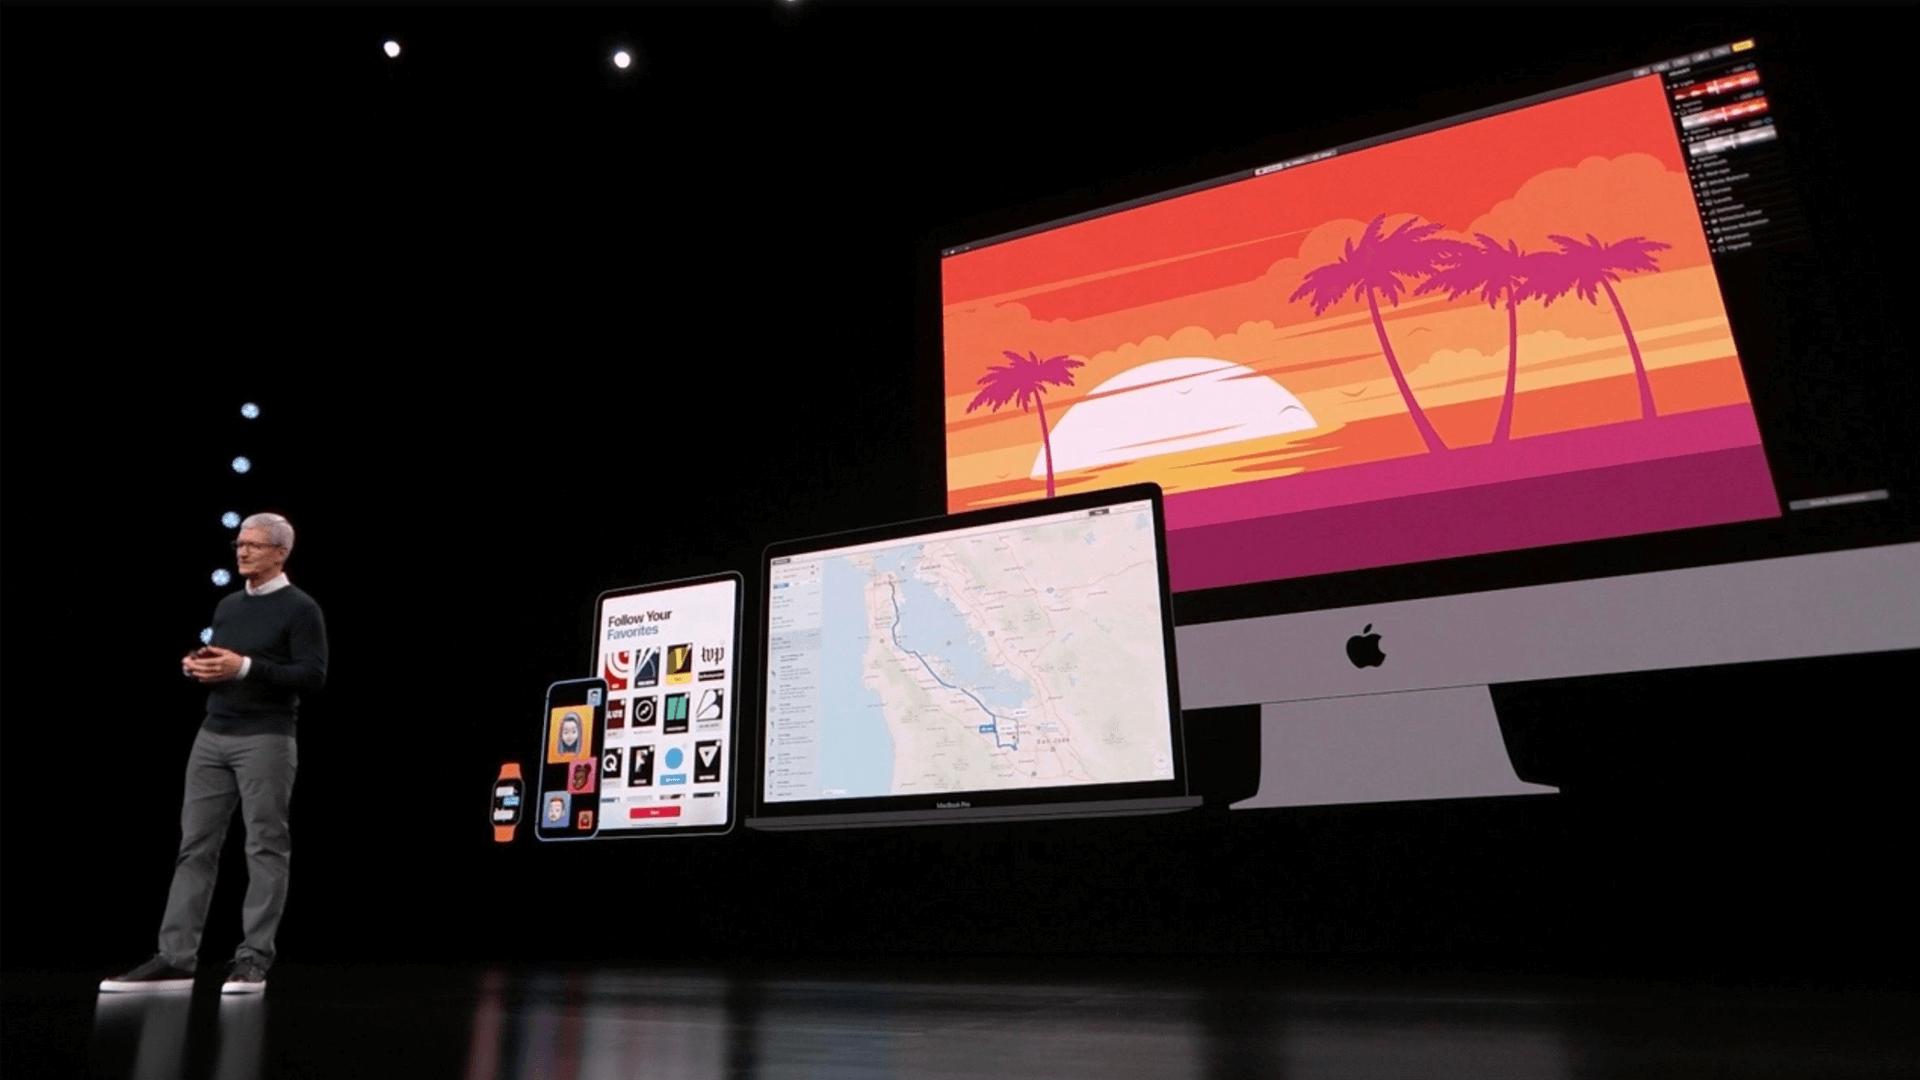 По слухам, Apple, мартовское событие: iPhone 9 и более ожидаемые